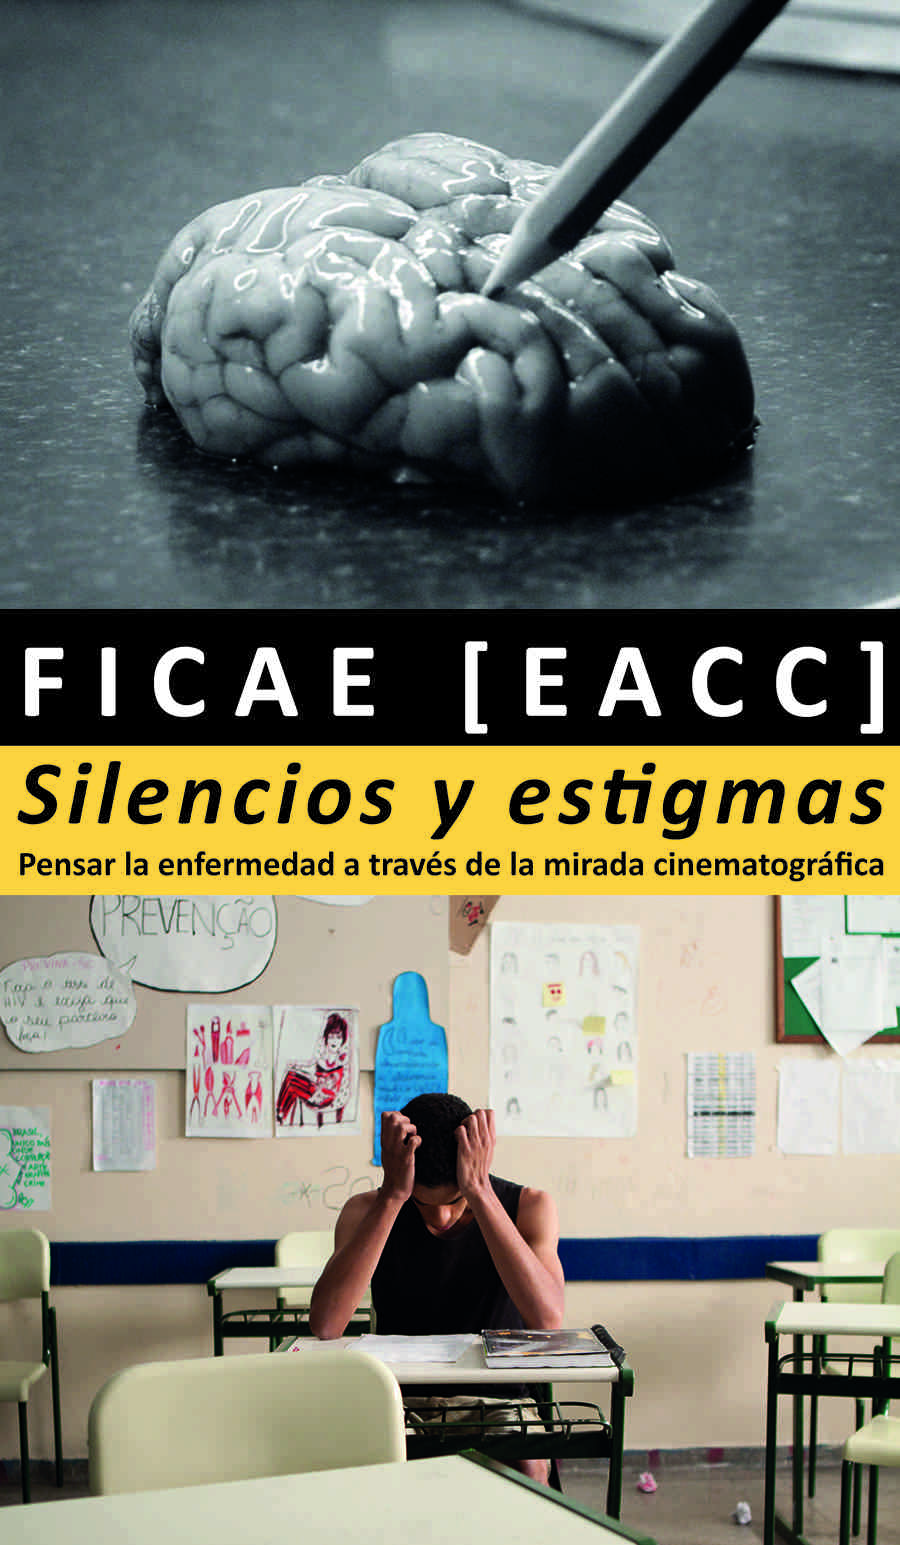 Cartel de 'Silencios y estigmas'. Cortesía de FICAE y EACC.